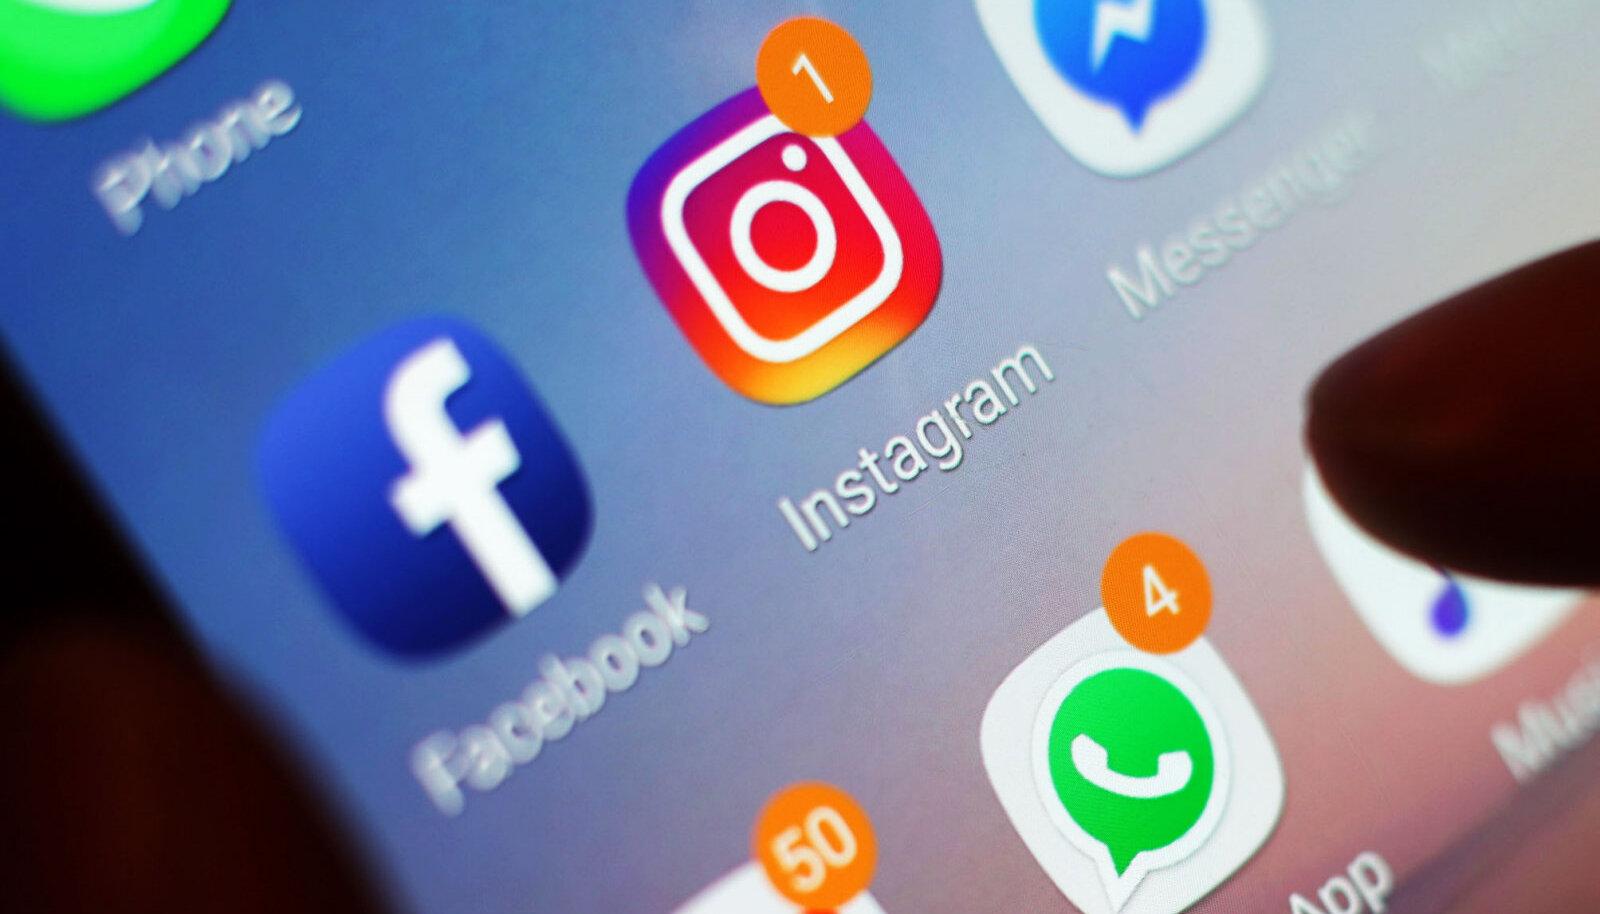 Sotsiaalmeedia rakenduste ikoonid telefonis